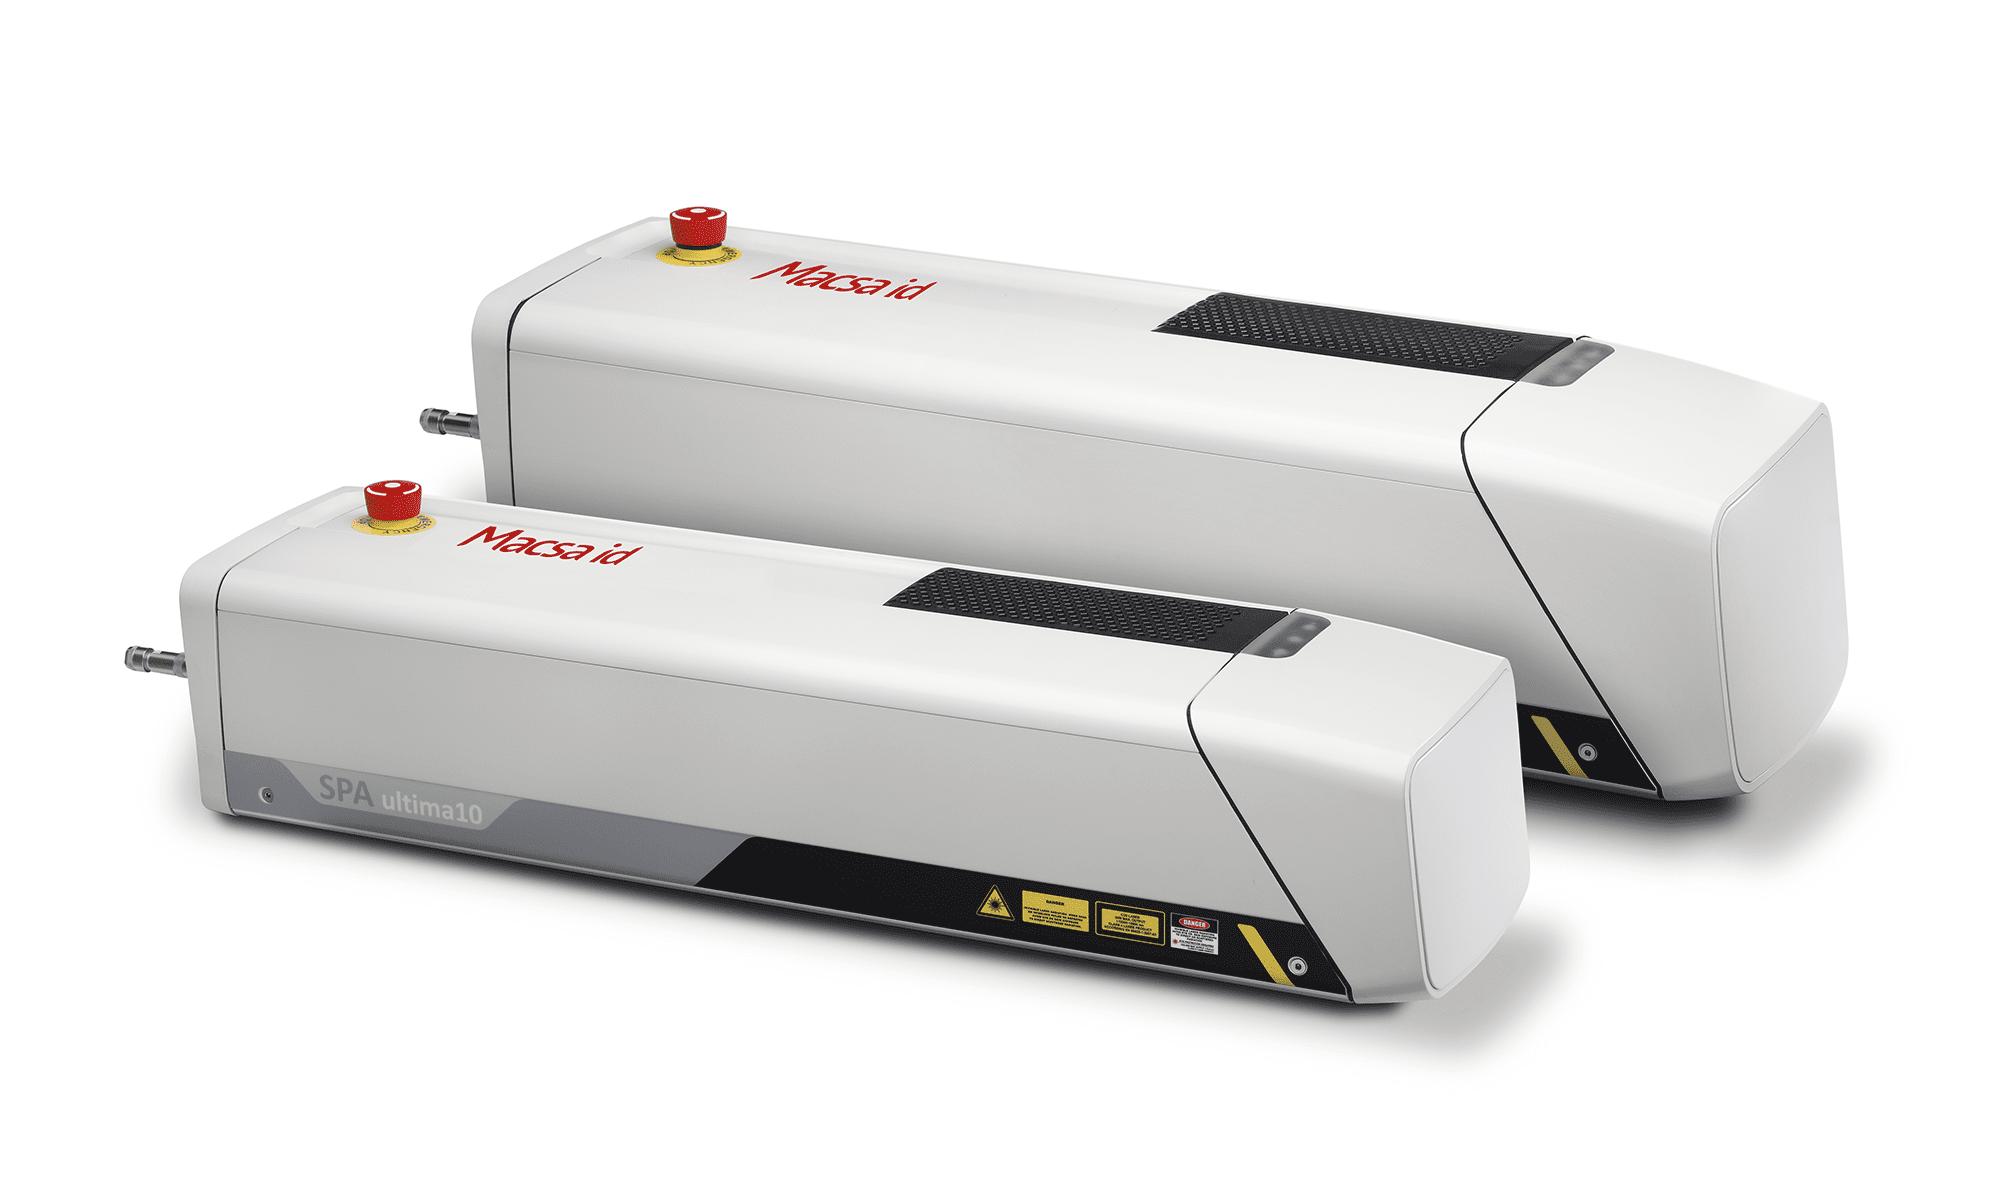 HDPE laser marking